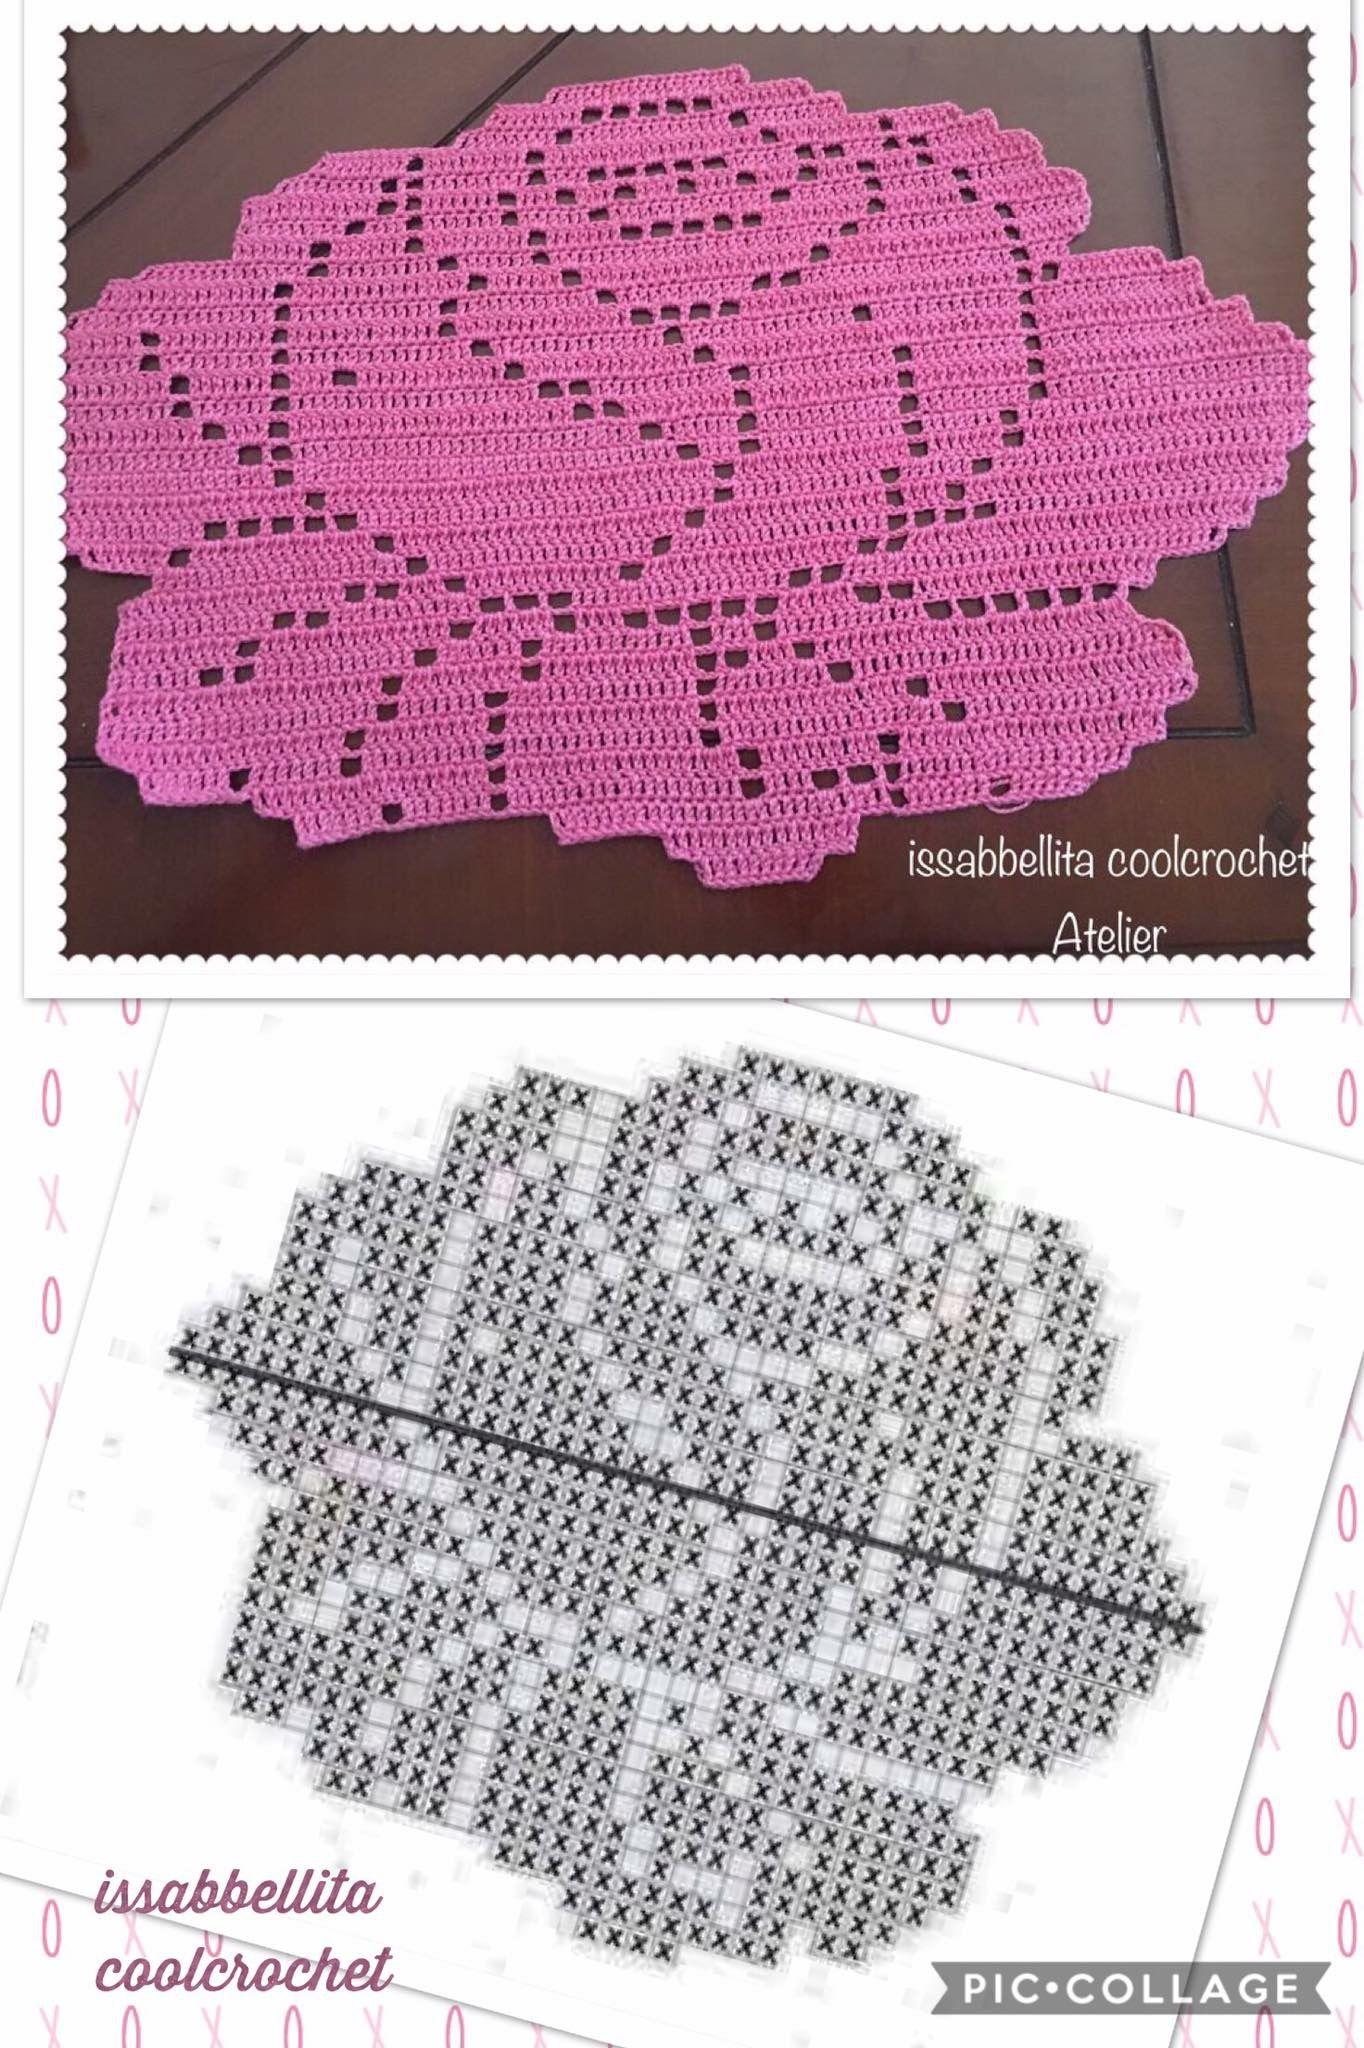 Pin von Sara Germian auf Powder | Pinterest | Deckchen, Häckeln und ...